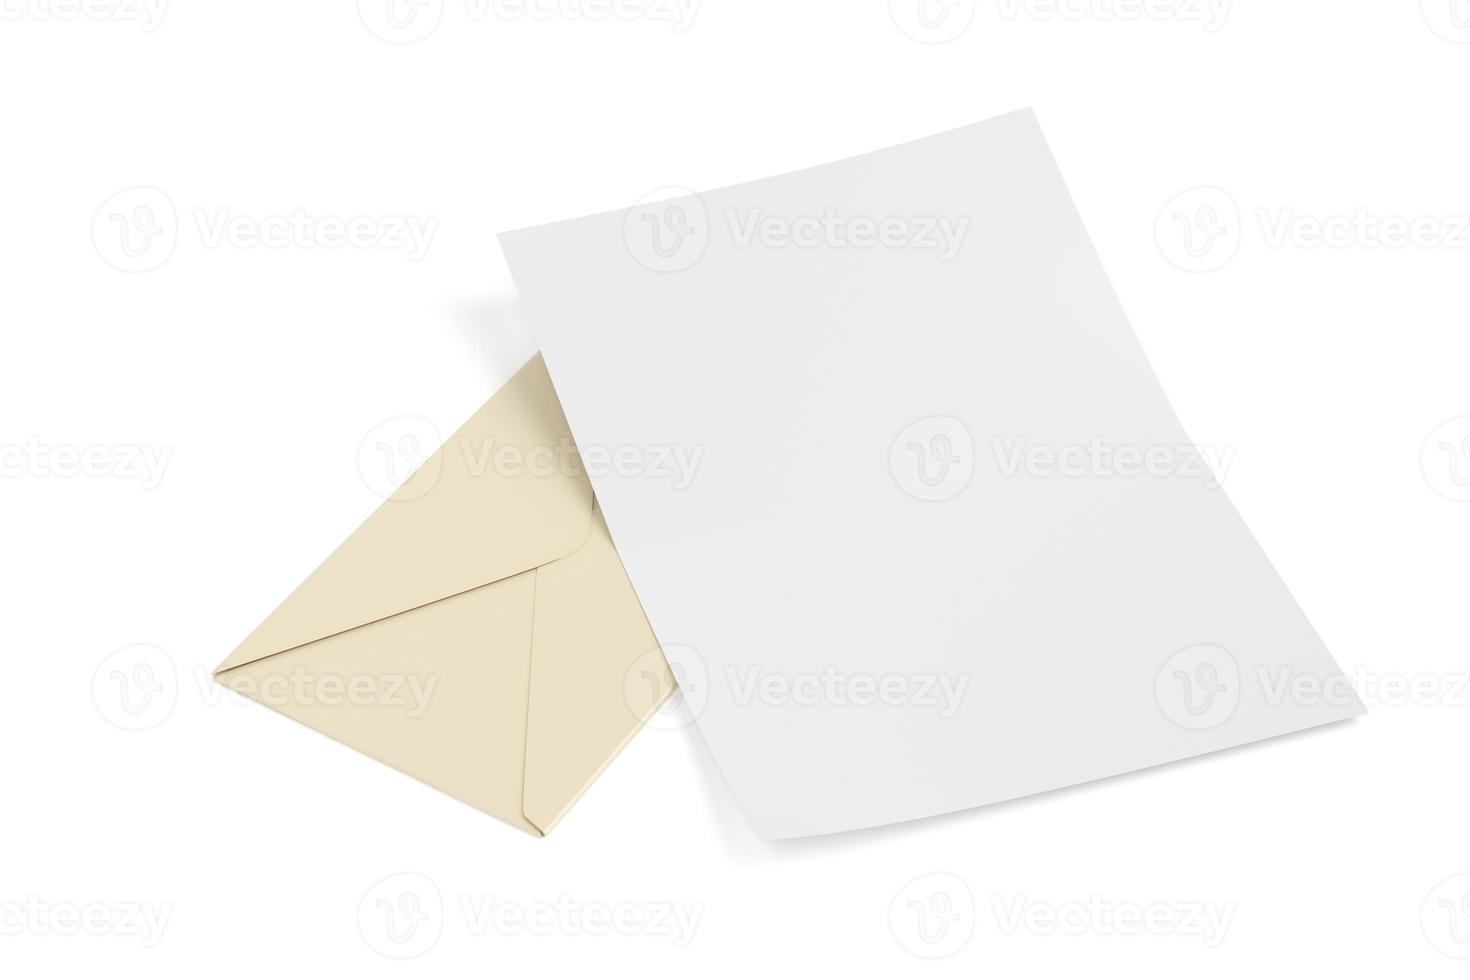 envelop en blanco papier foto